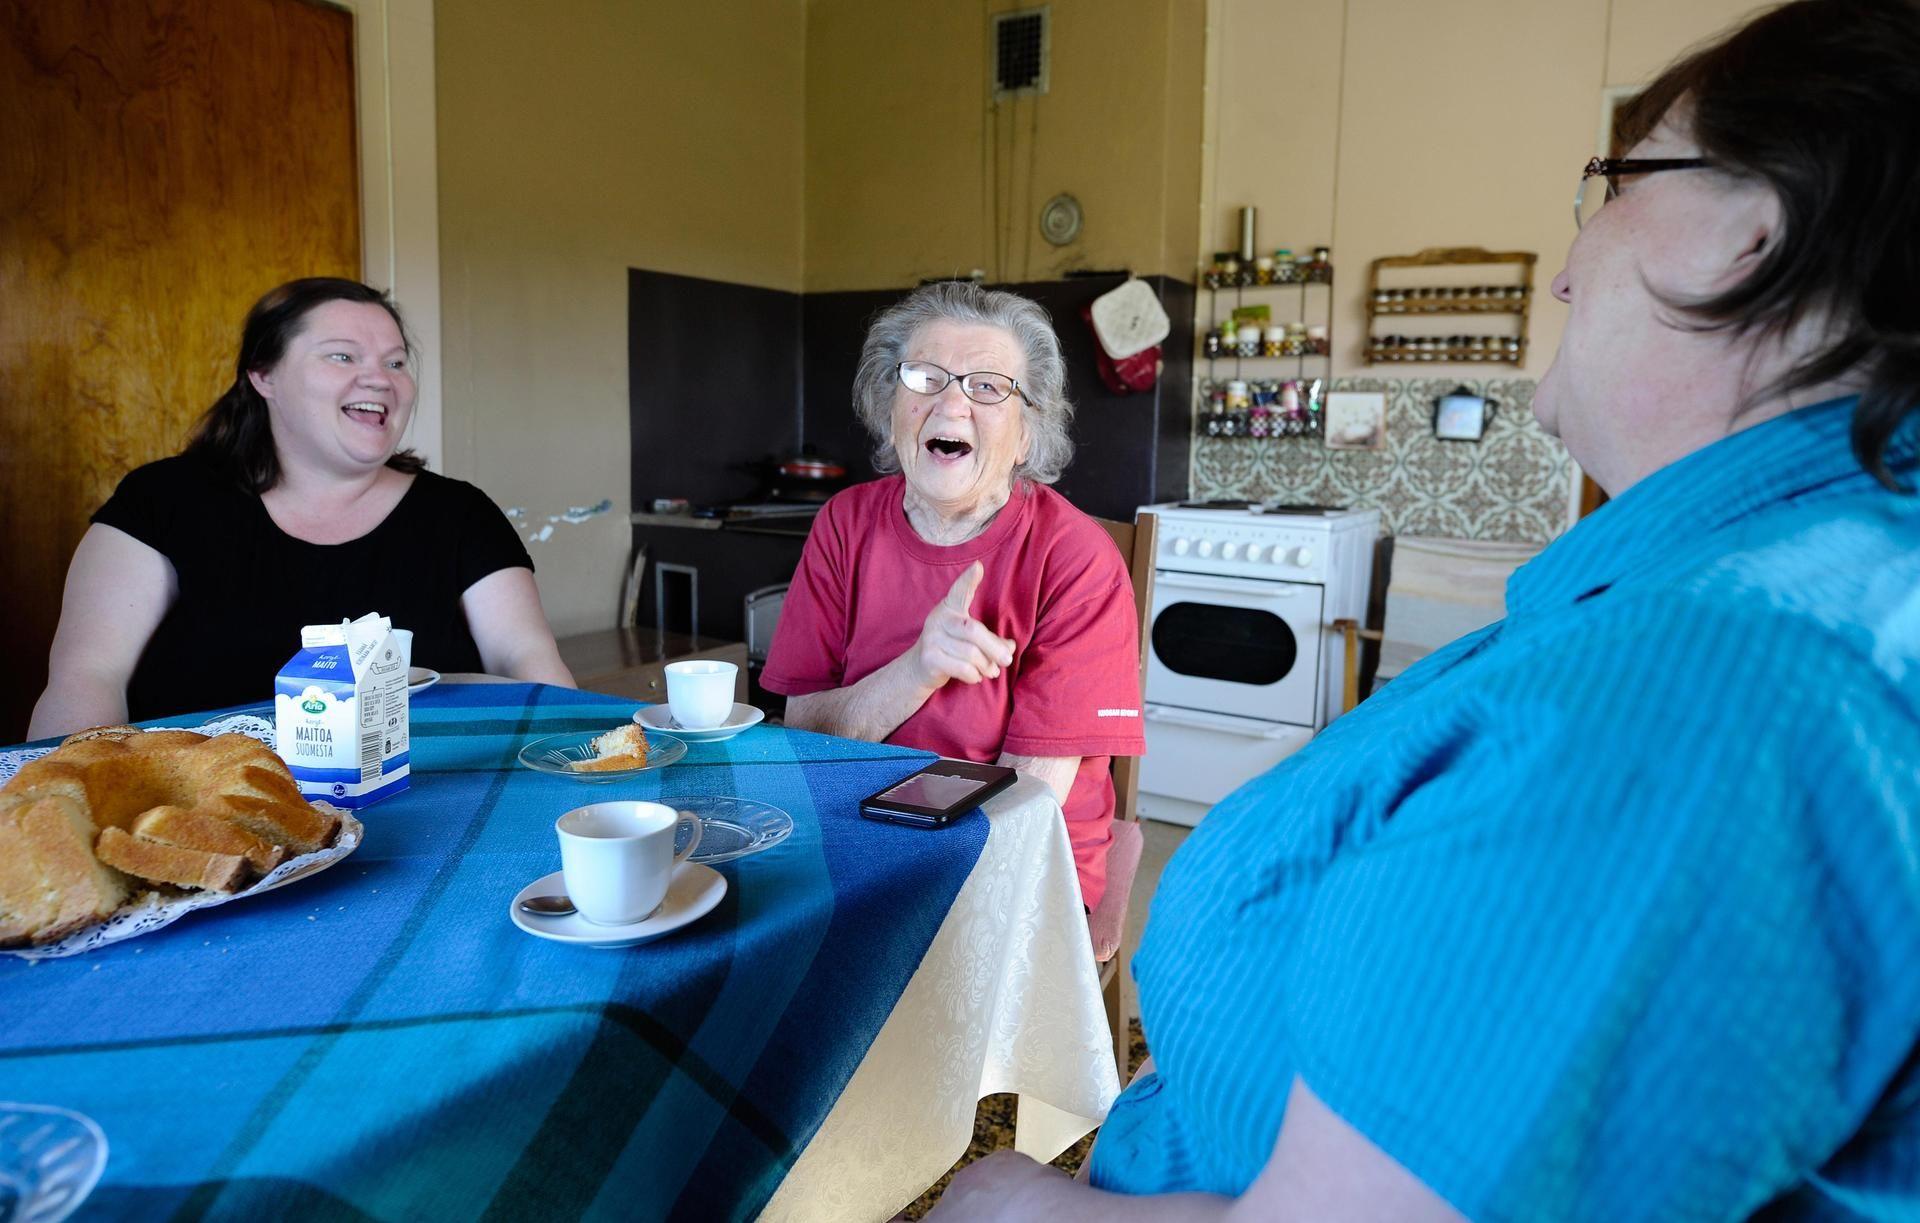 Muutos äitien asemassa on myös kertomus hyvinvointiyhteiskunnan rakentamisesta. Elna Vuorela, 89, Mirja Kuosa, 66, ja Marke Kuosa, 46, kertovat, miten äitinä oleminen on muuttunut.